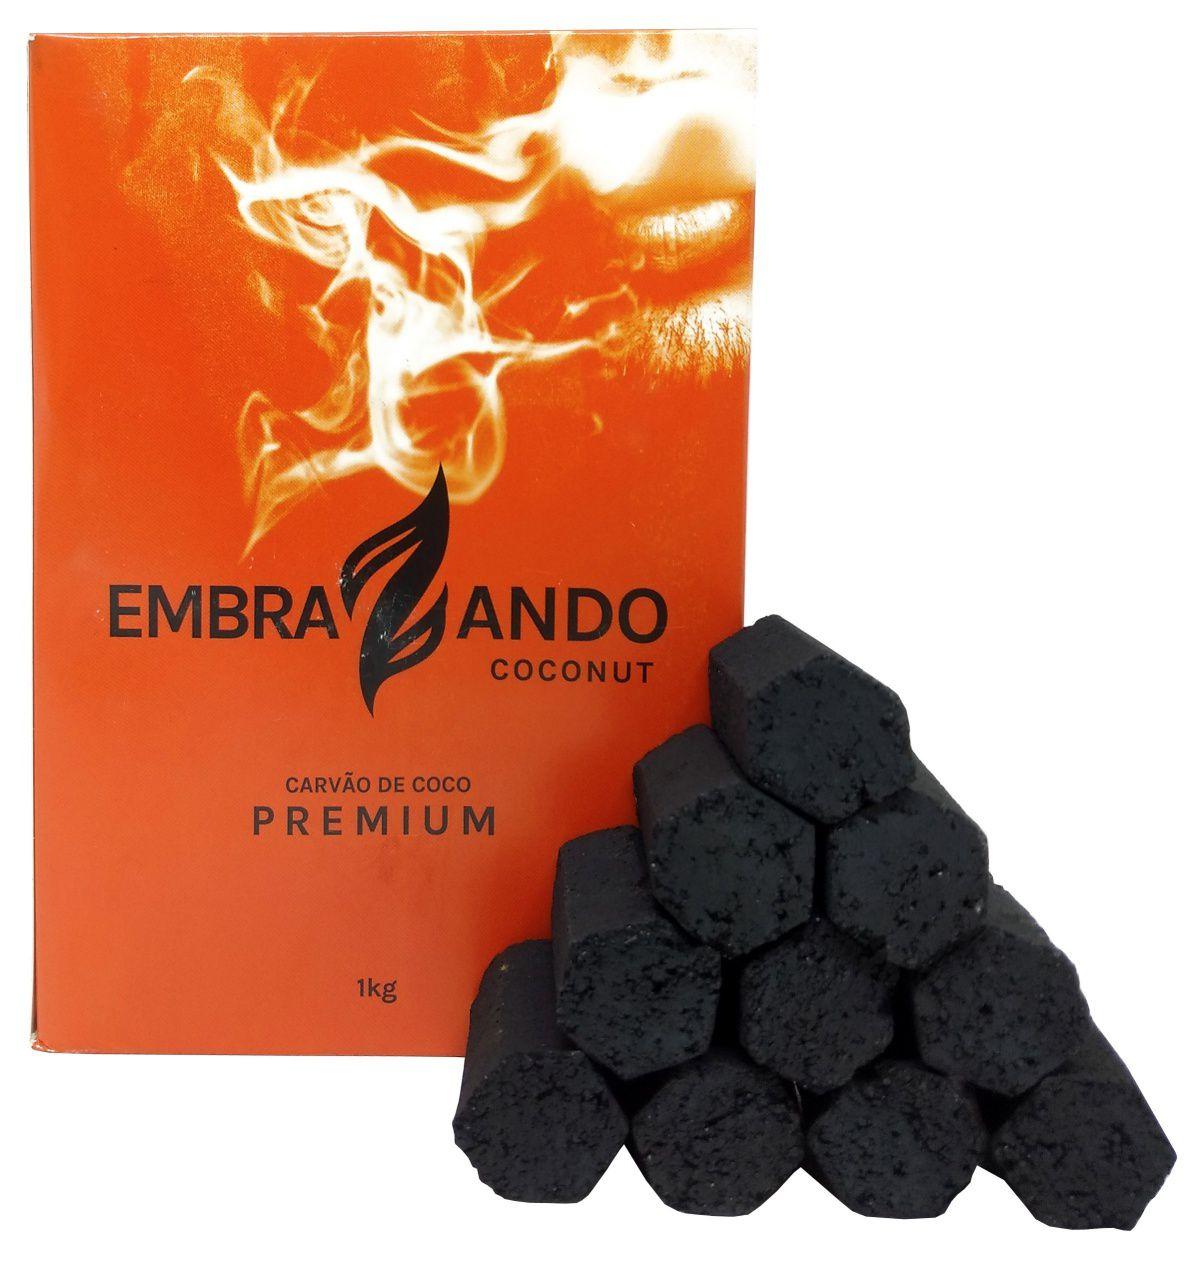 Carvão de coco para narguile e incenso EMBRAZANDO COCONUT 1kg - 58 unid. - hexagonal.